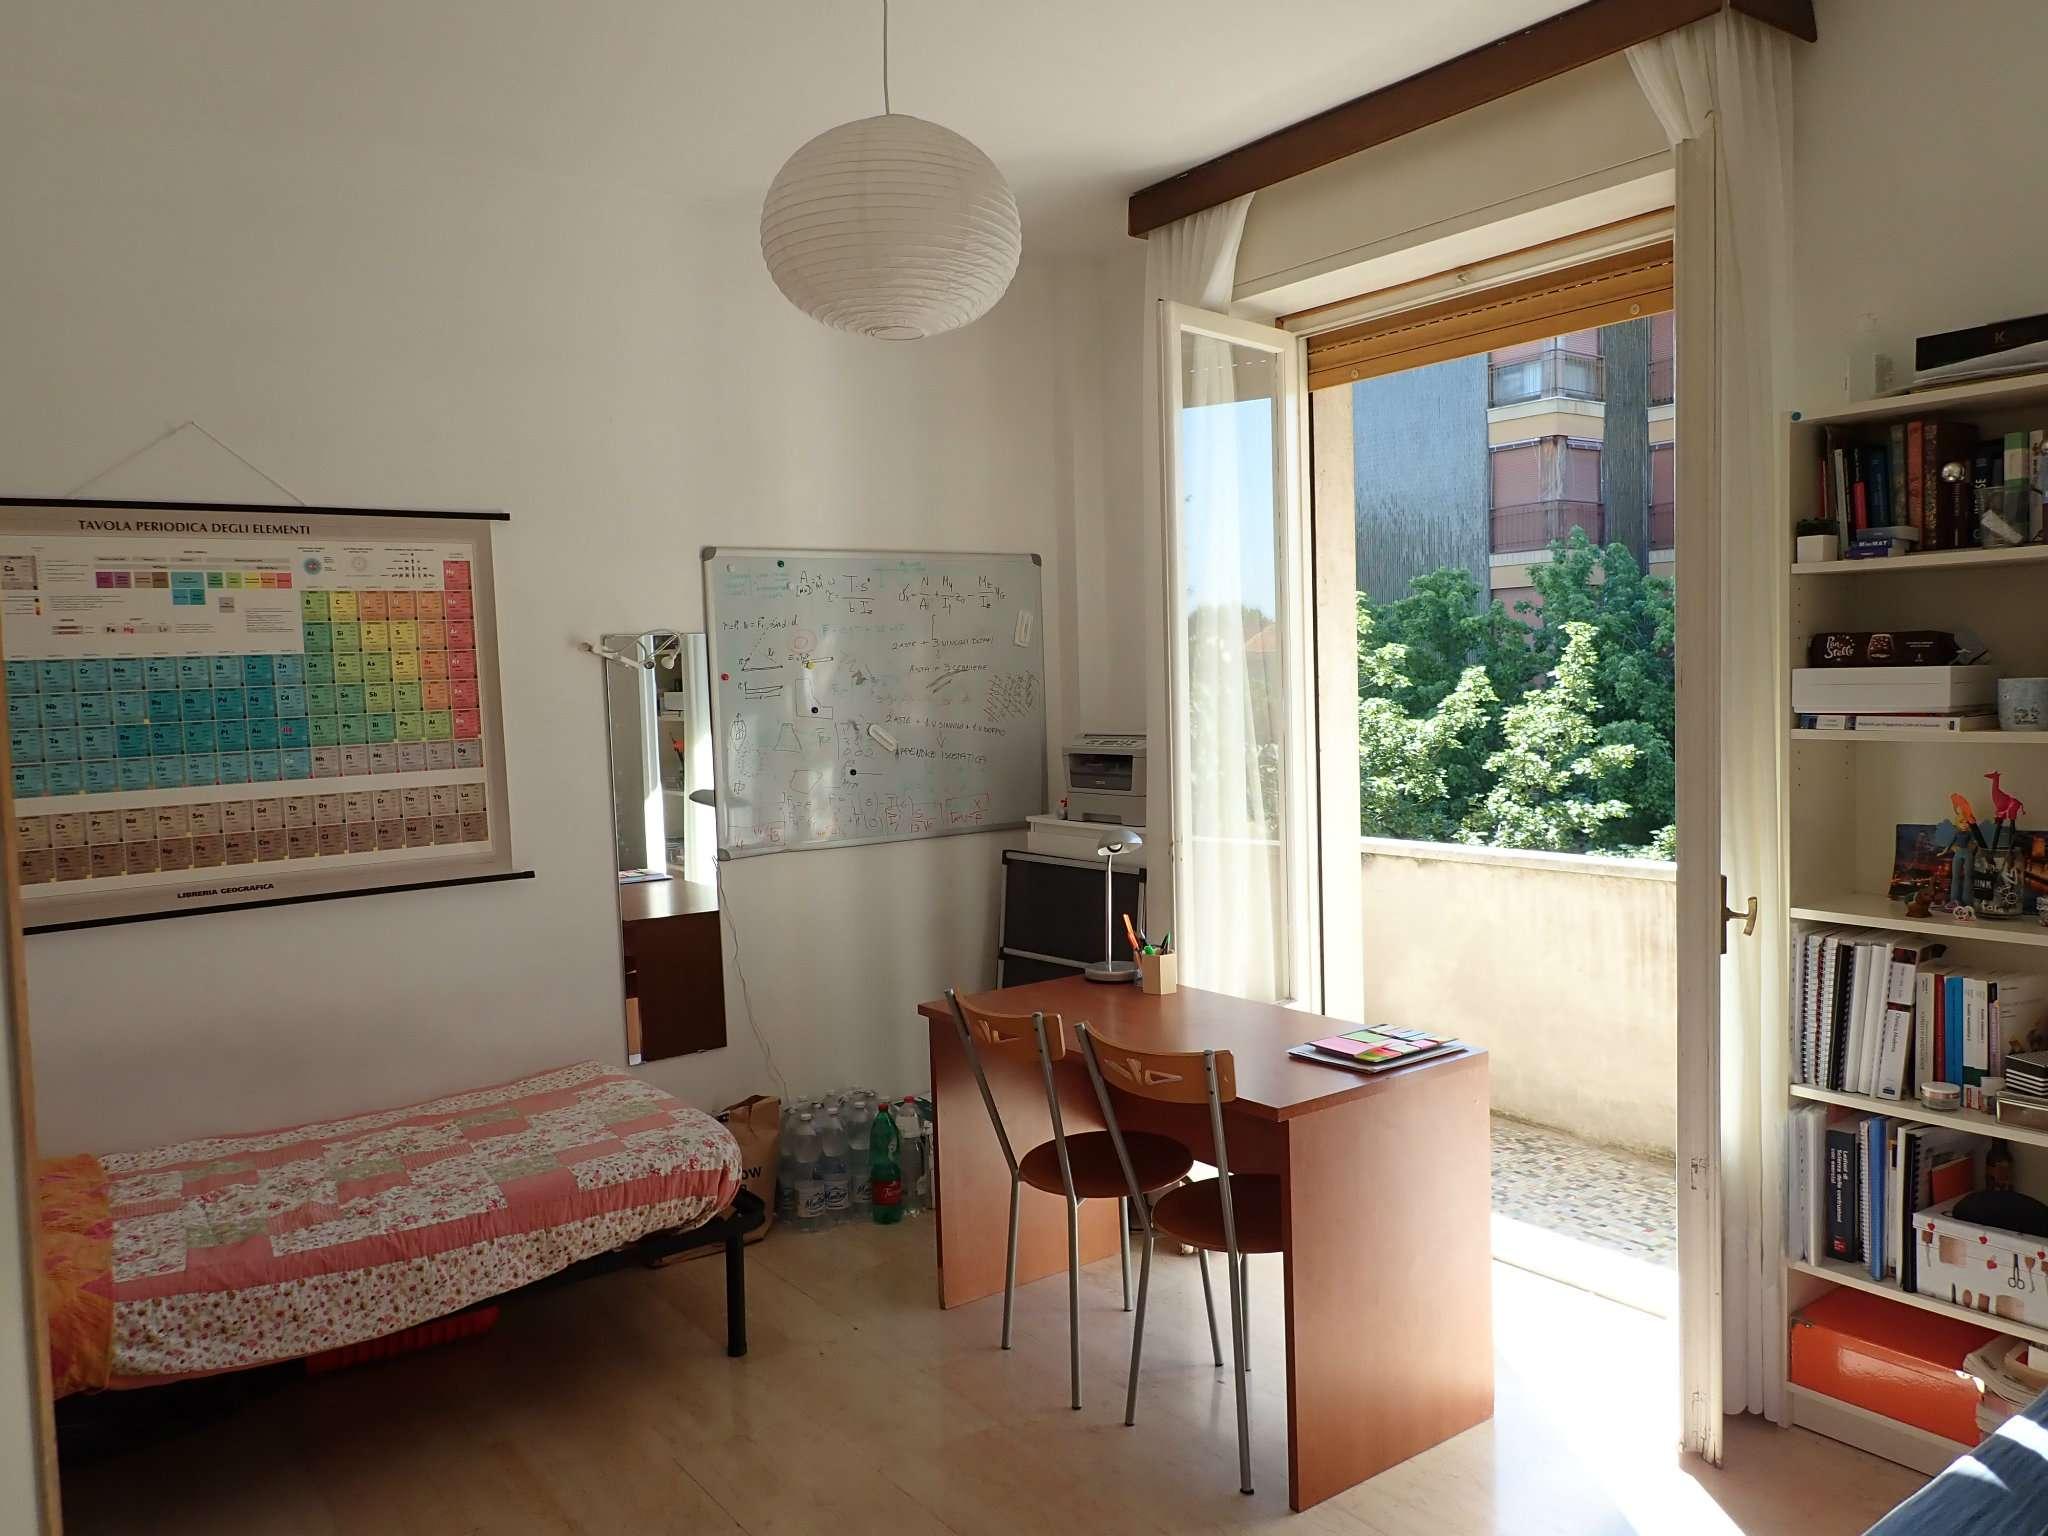 Appartamento in Vendita a Milano 14 Tibaldi / Cermenate / Antonini / Ortles / Bonomelli: 3 locali, 80 mq